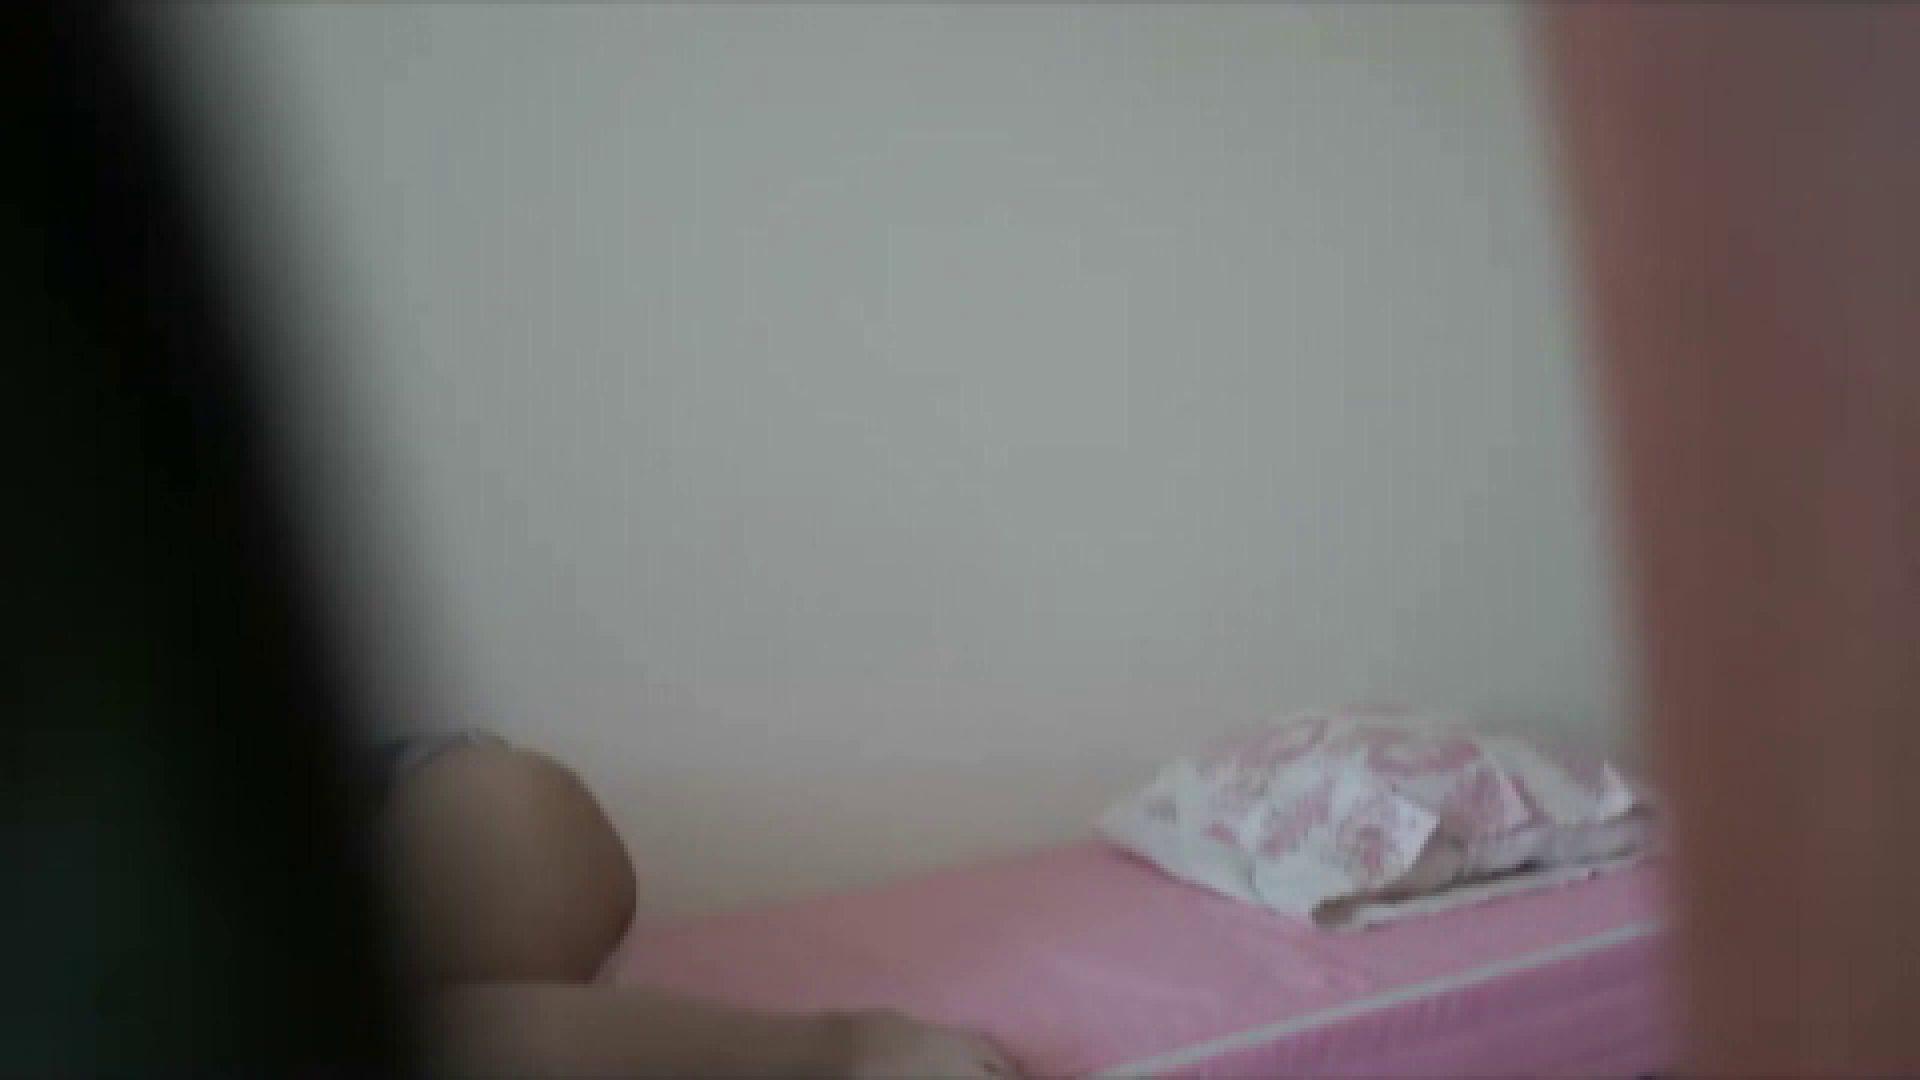 vol.10 葵の精力が増しているような・・・昼間のオナニーをどうぞ。 女子達のオナニー | 巨乳  61画像 16